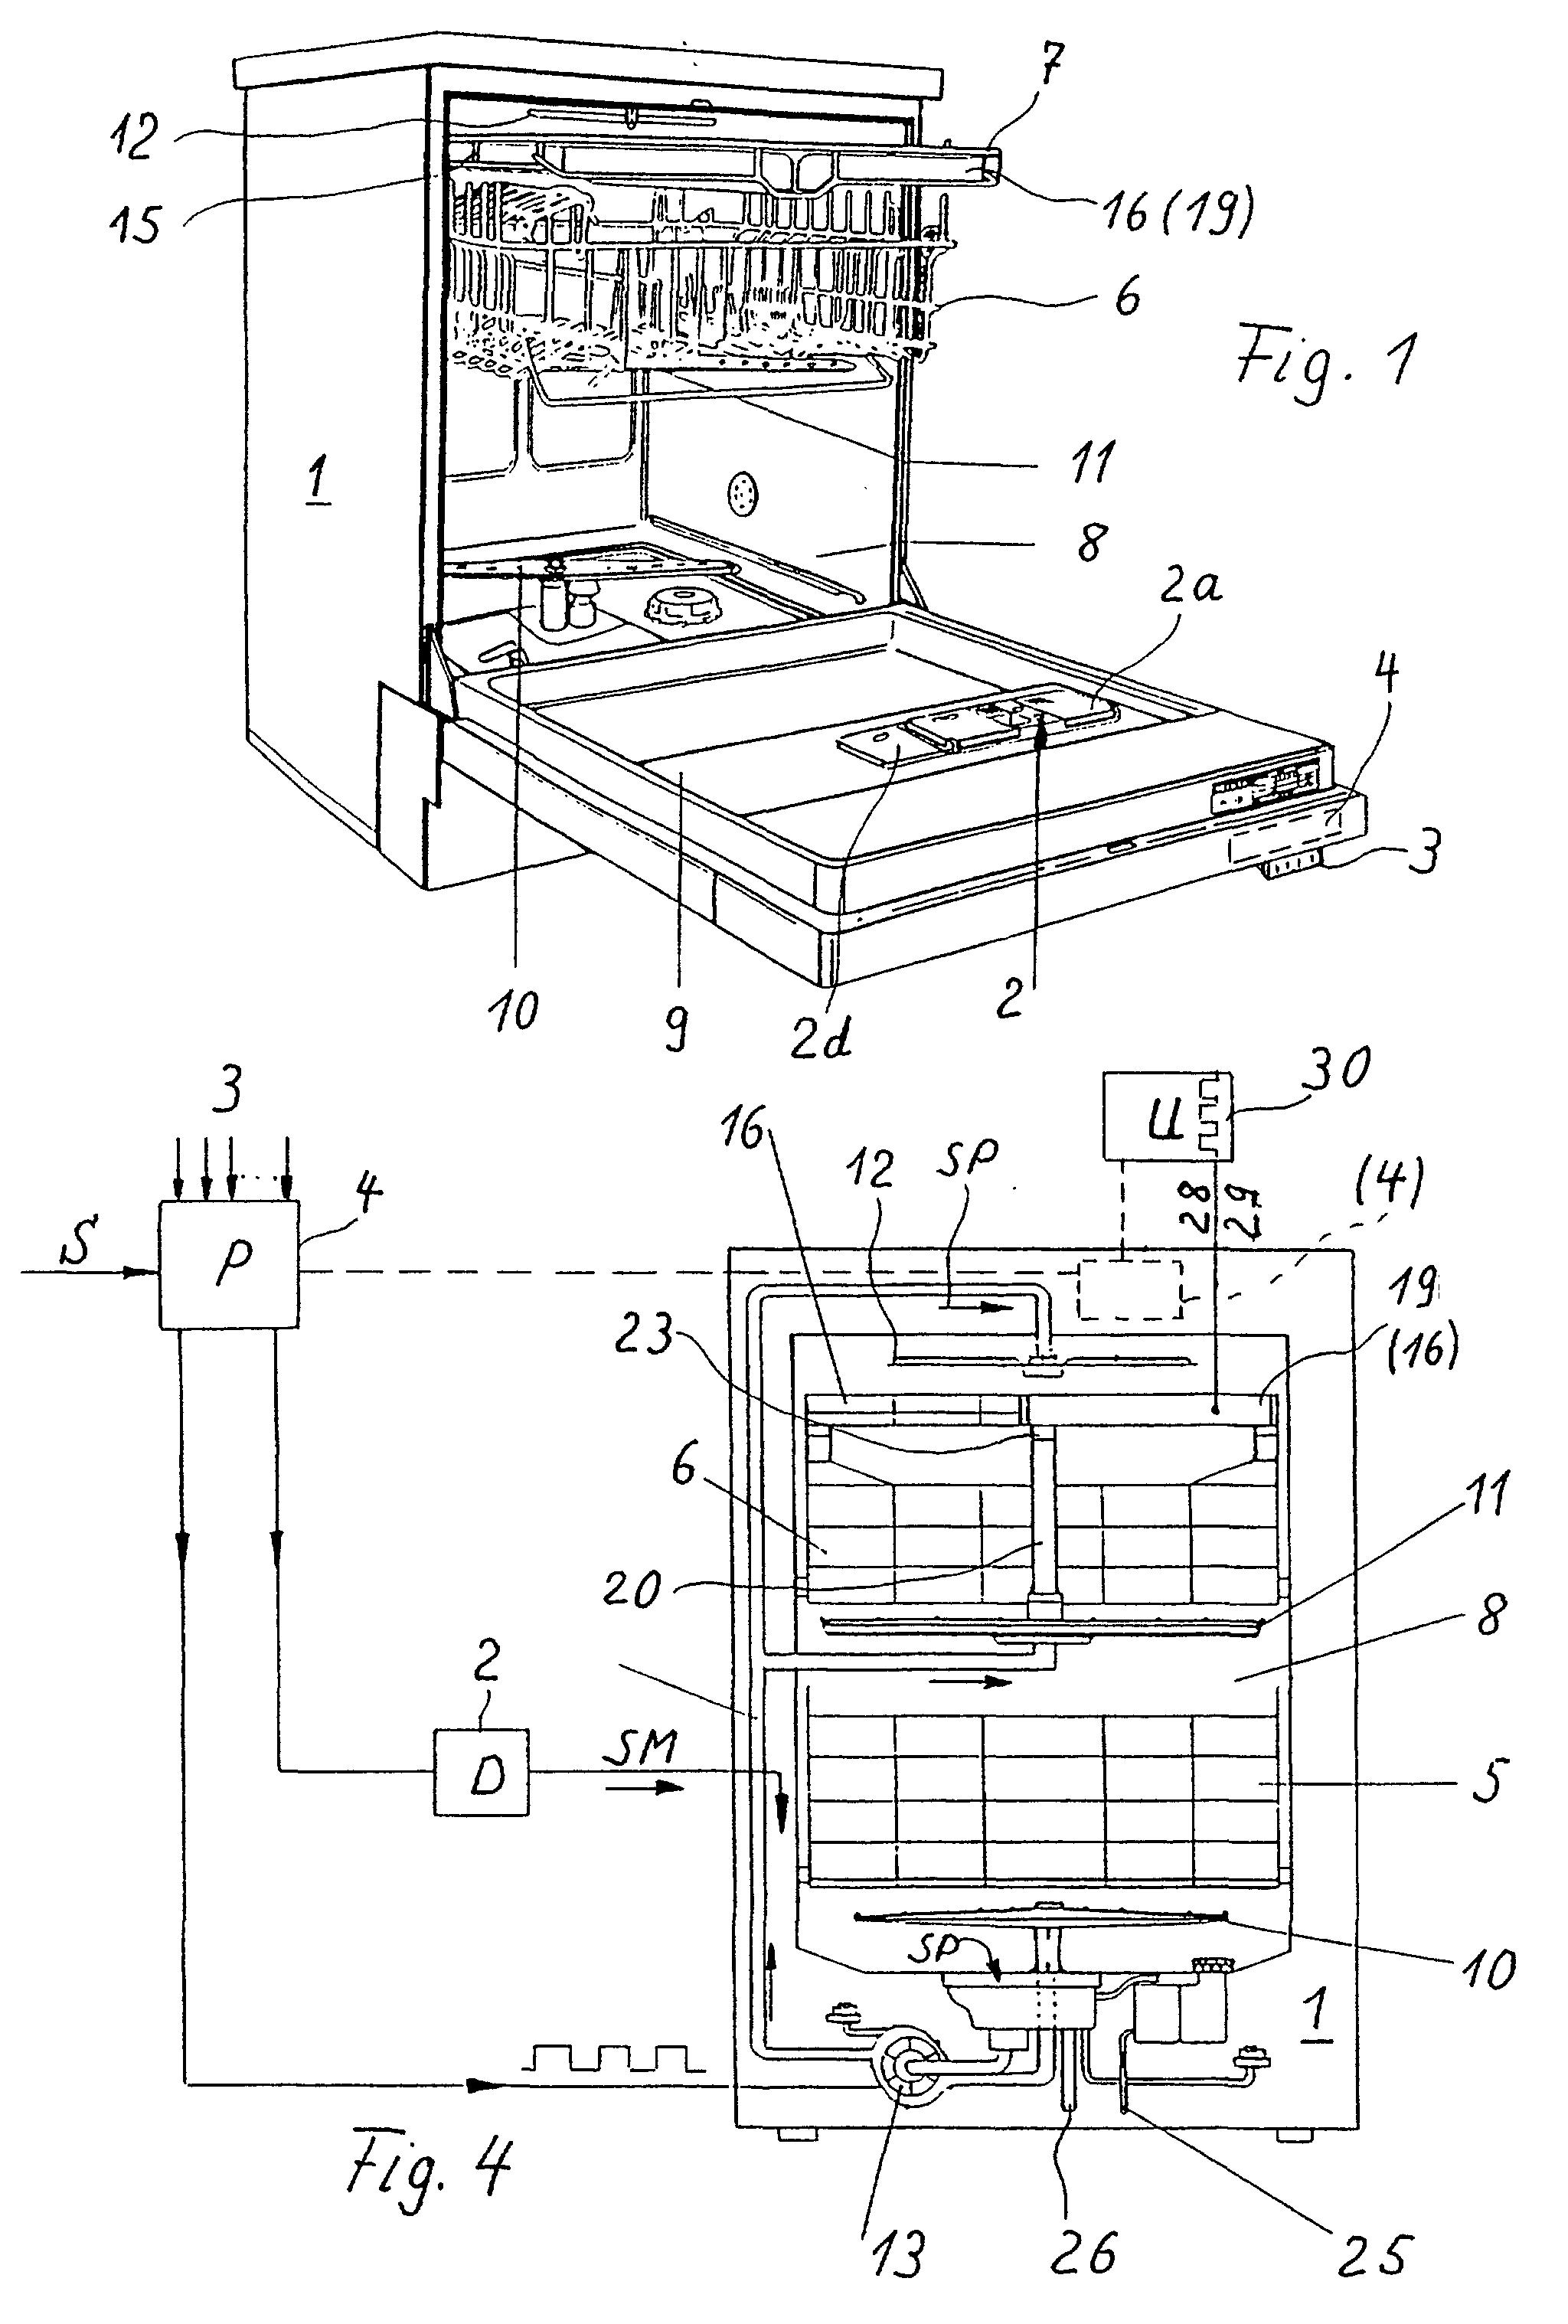 patent ep0966913b1 verfahren zum sp len reinigen und trocknen von geschirr und bestecken in. Black Bedroom Furniture Sets. Home Design Ideas